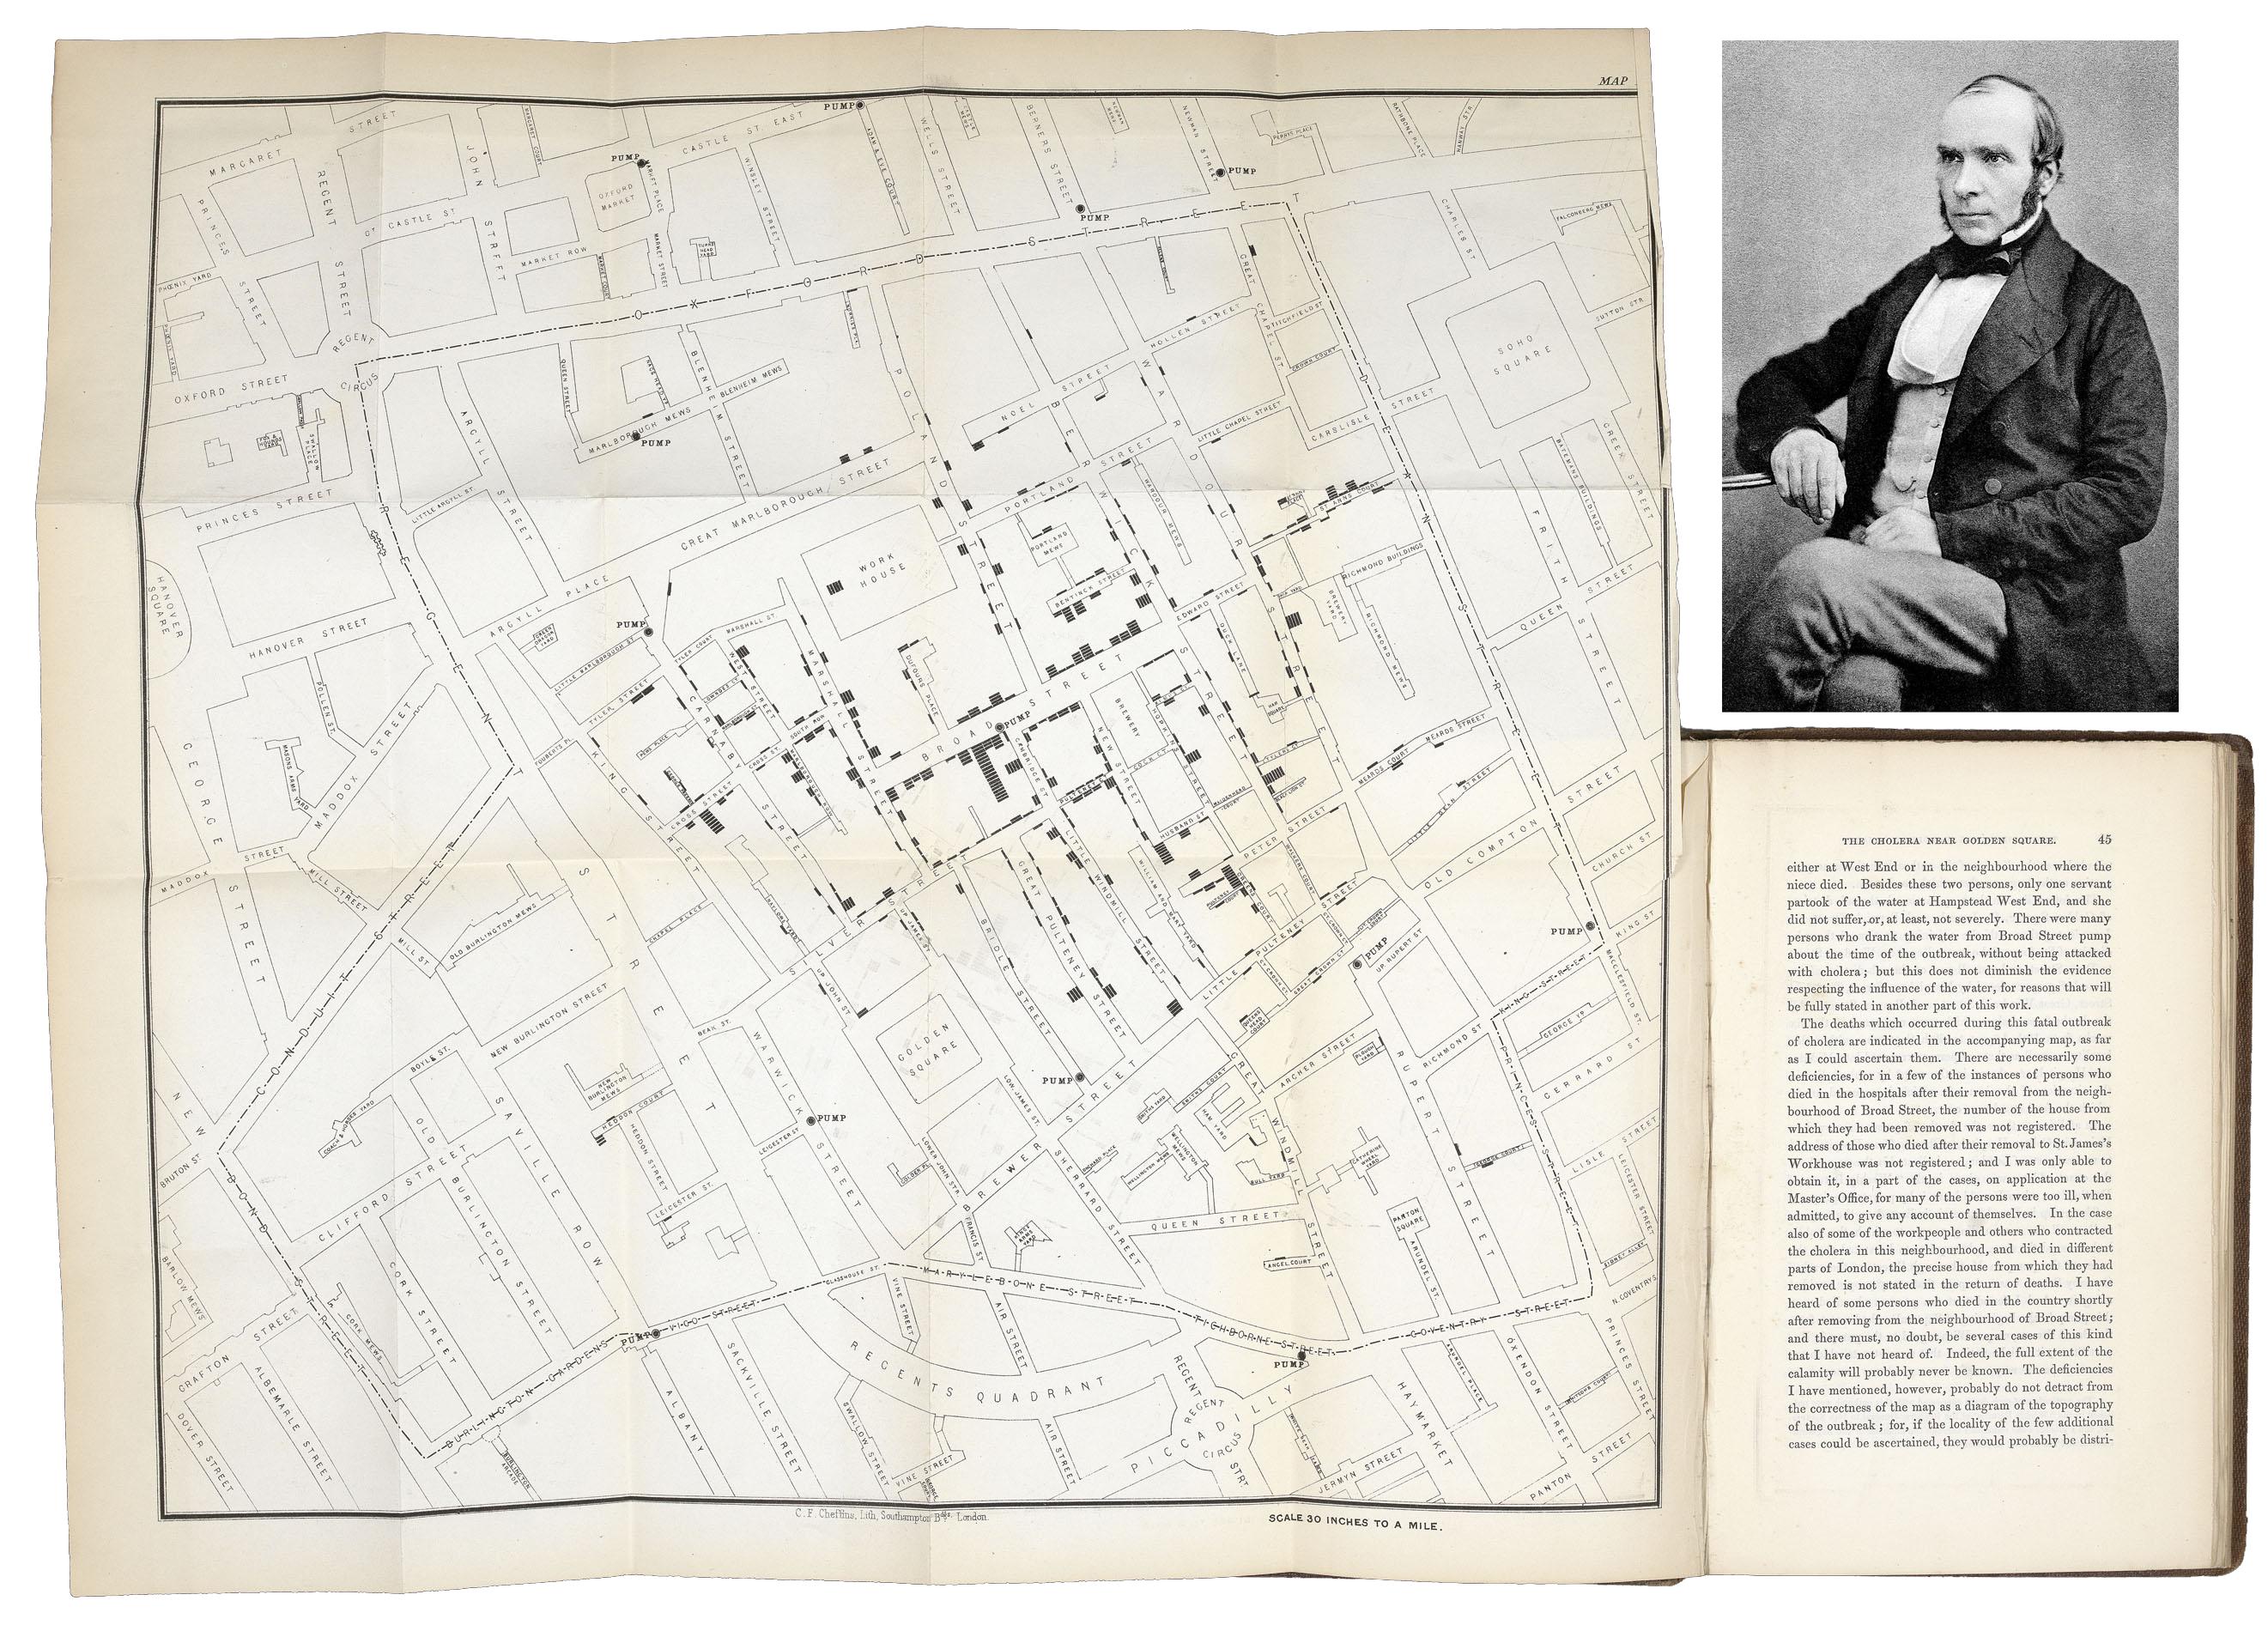 La vera storia della mappa dell'epidemia di colera a Broad Street